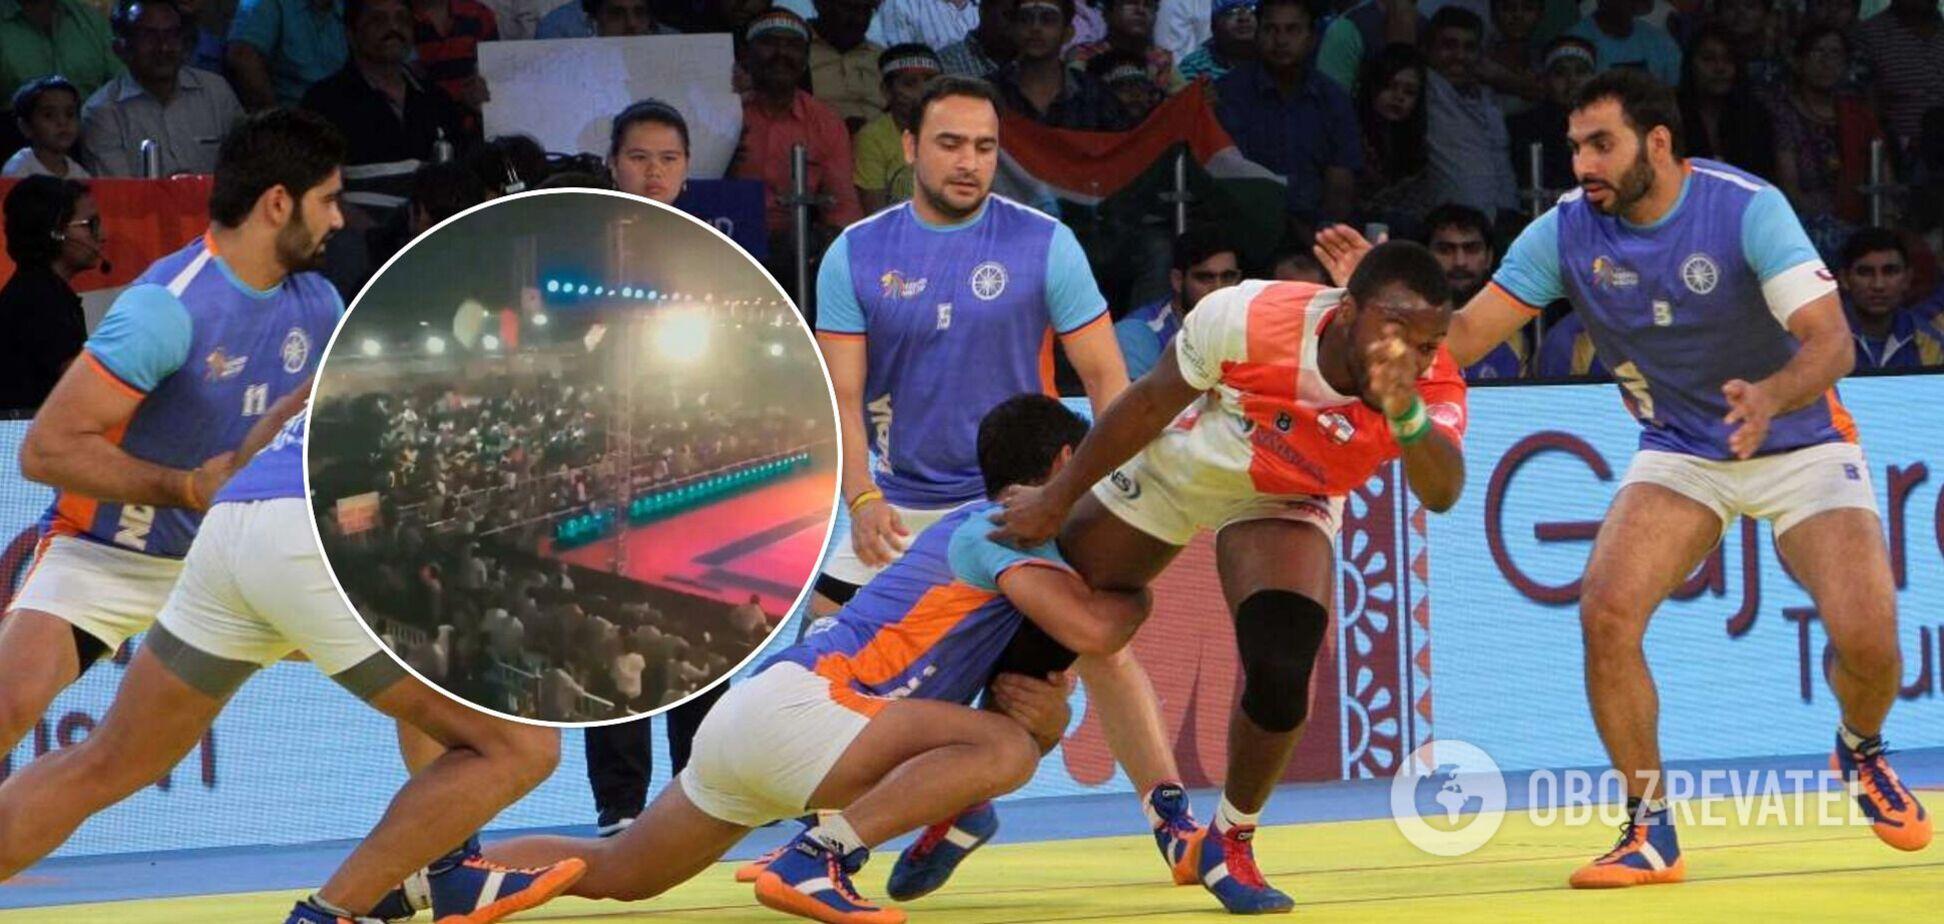 В Индии на спортивном турнире рухнула трибуна со зрителями: сто человек пострадали. Видео